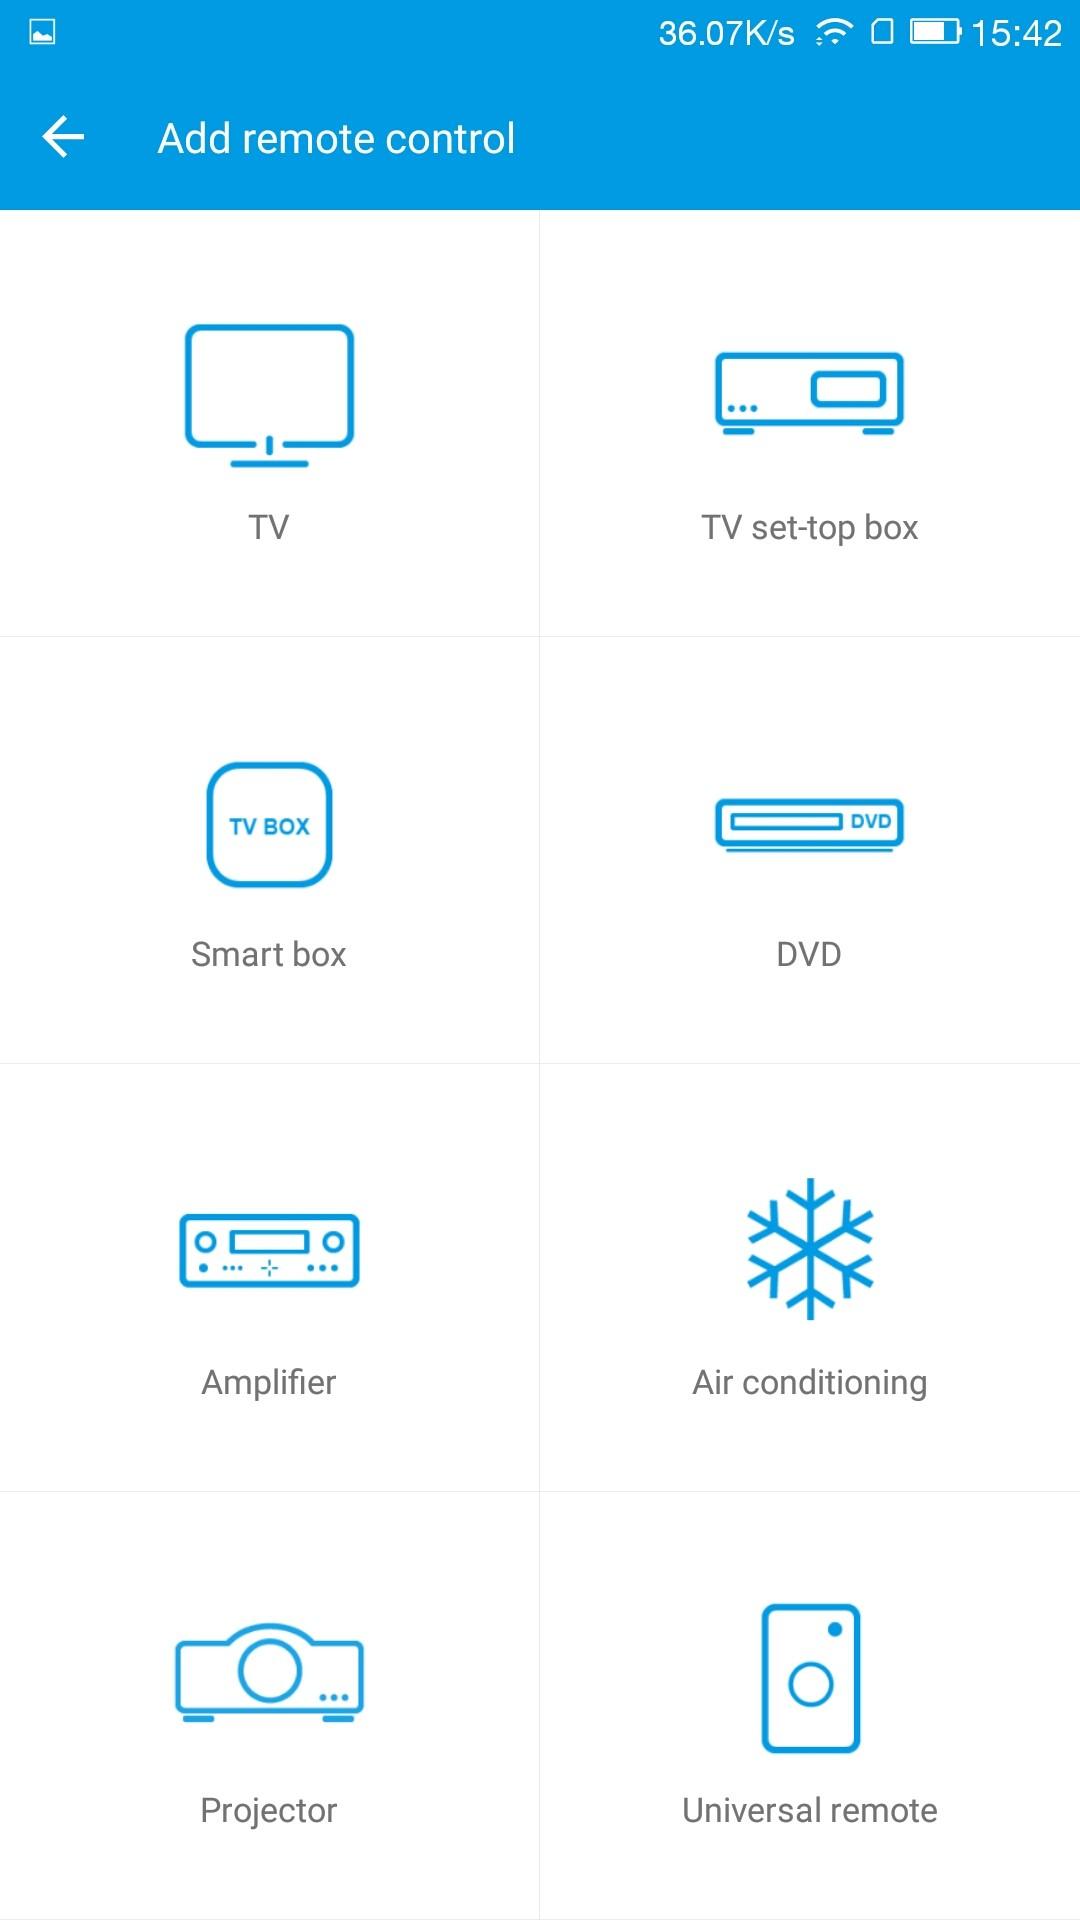 ウチには赤外線リモコンがあるのはエアコンだけ(汗)Air conditioningを選ぶ